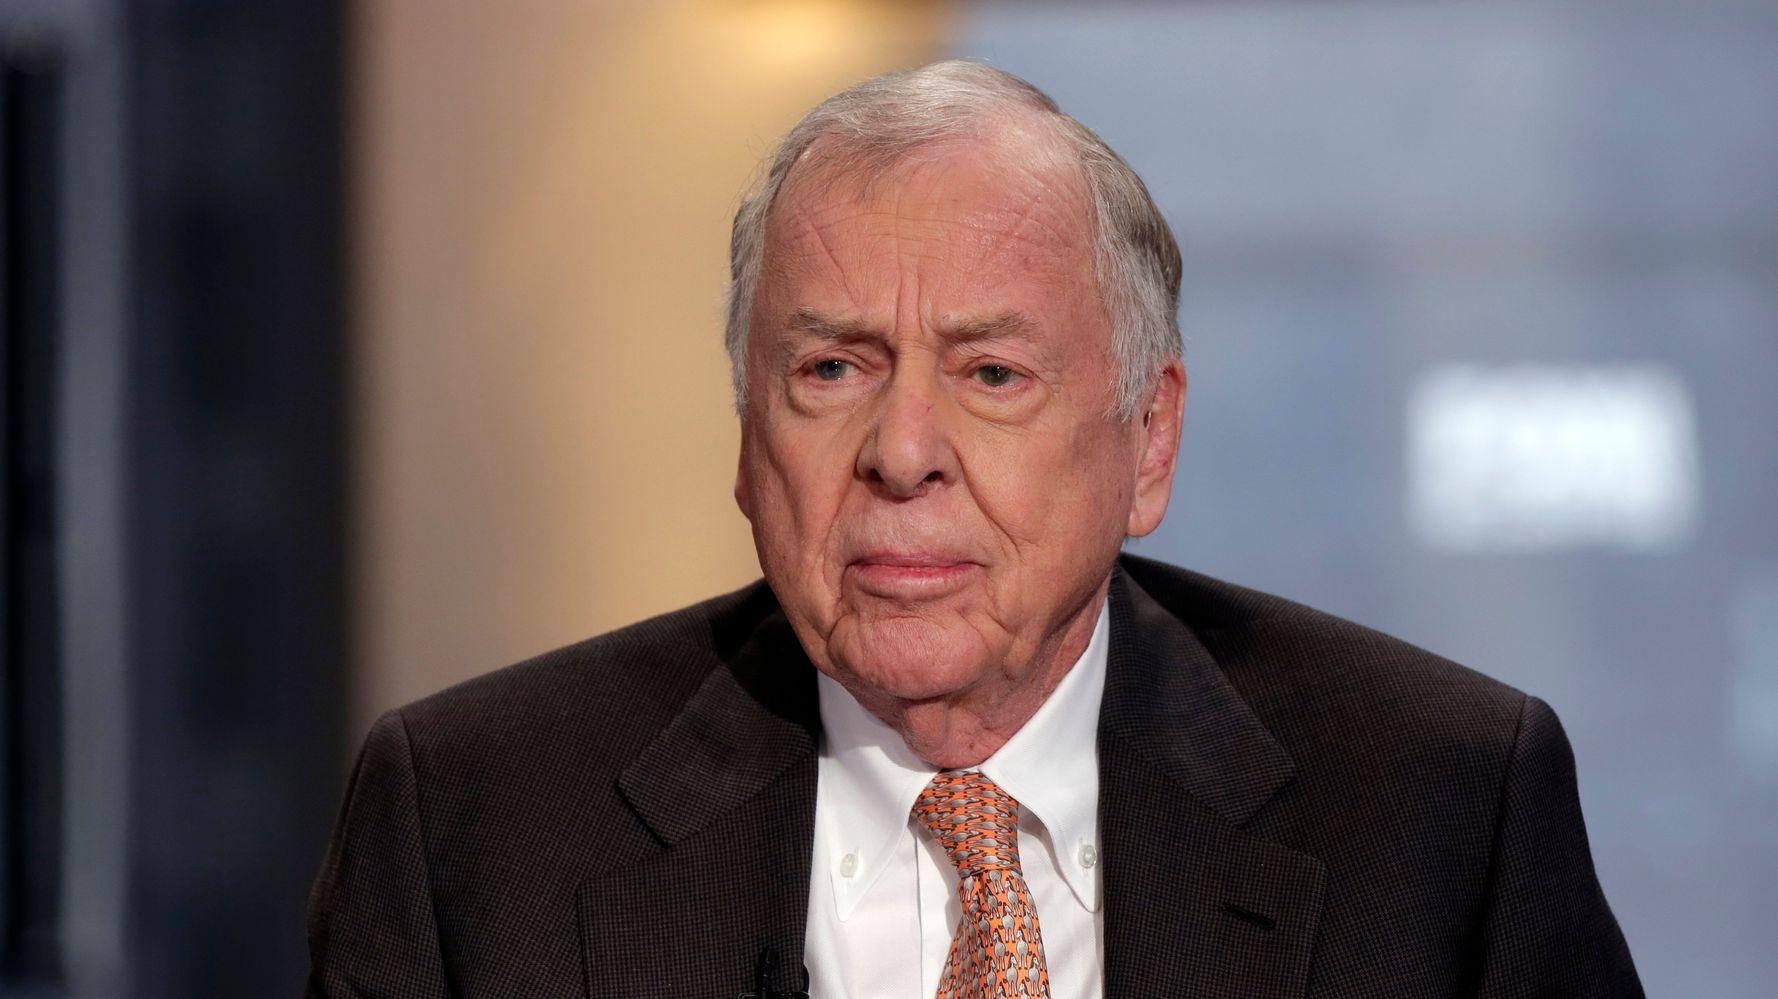 Westlake Legal Group 5d793e183b00002a74d0db45 Billionaire Oilman T. Boone Pickens Dead At 91